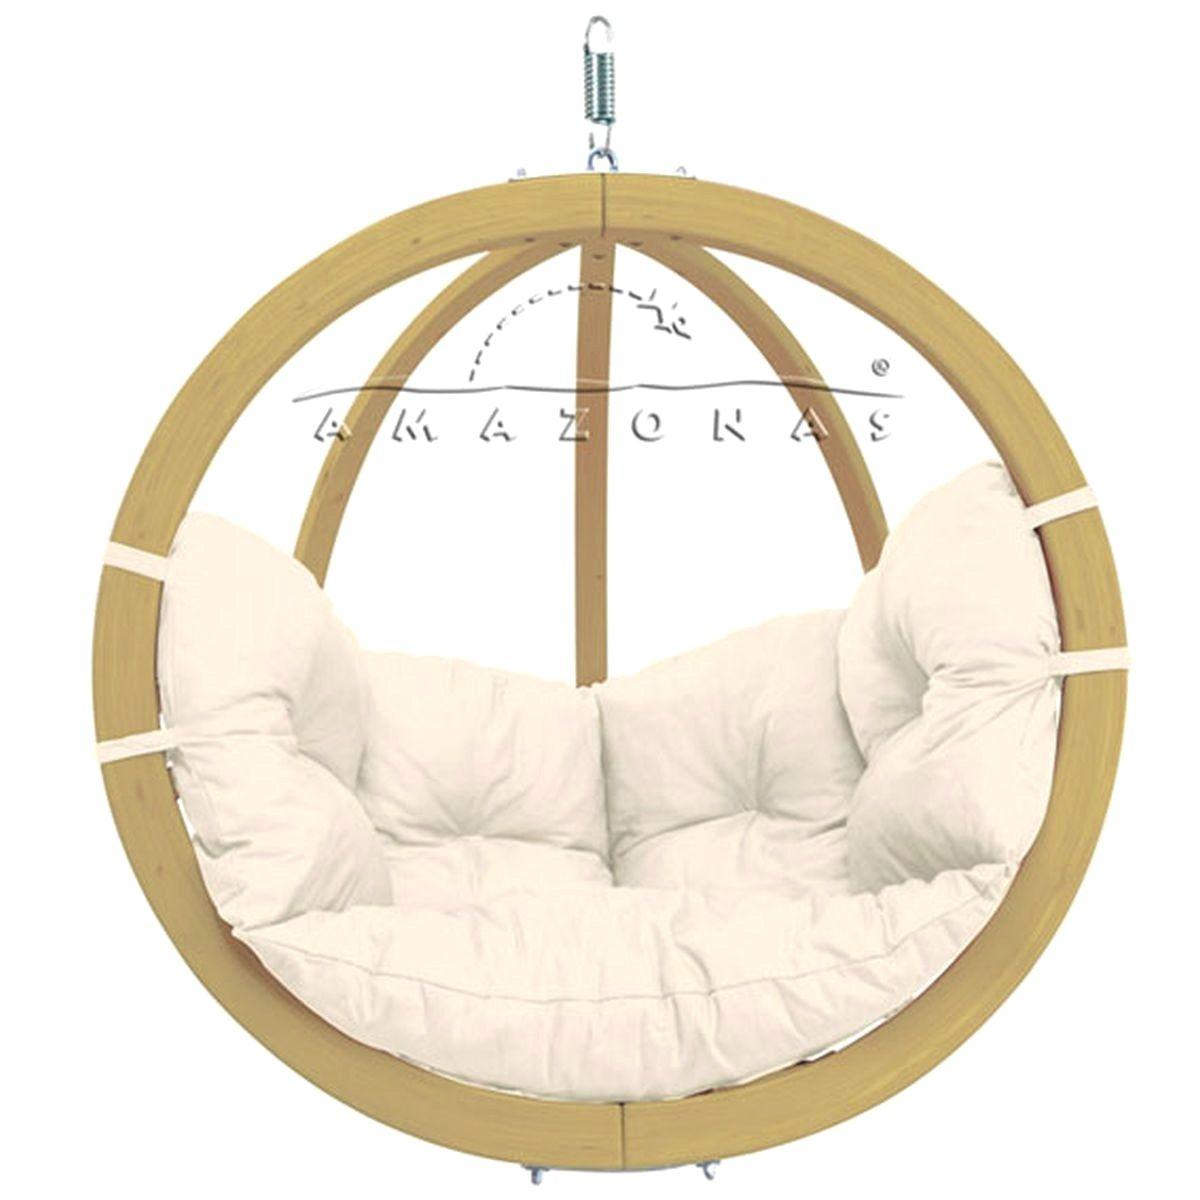 Chaise Hamac Ikea Avec On Decoration D Interieur Moderne Pas avec Chaise Suspendue Ikea